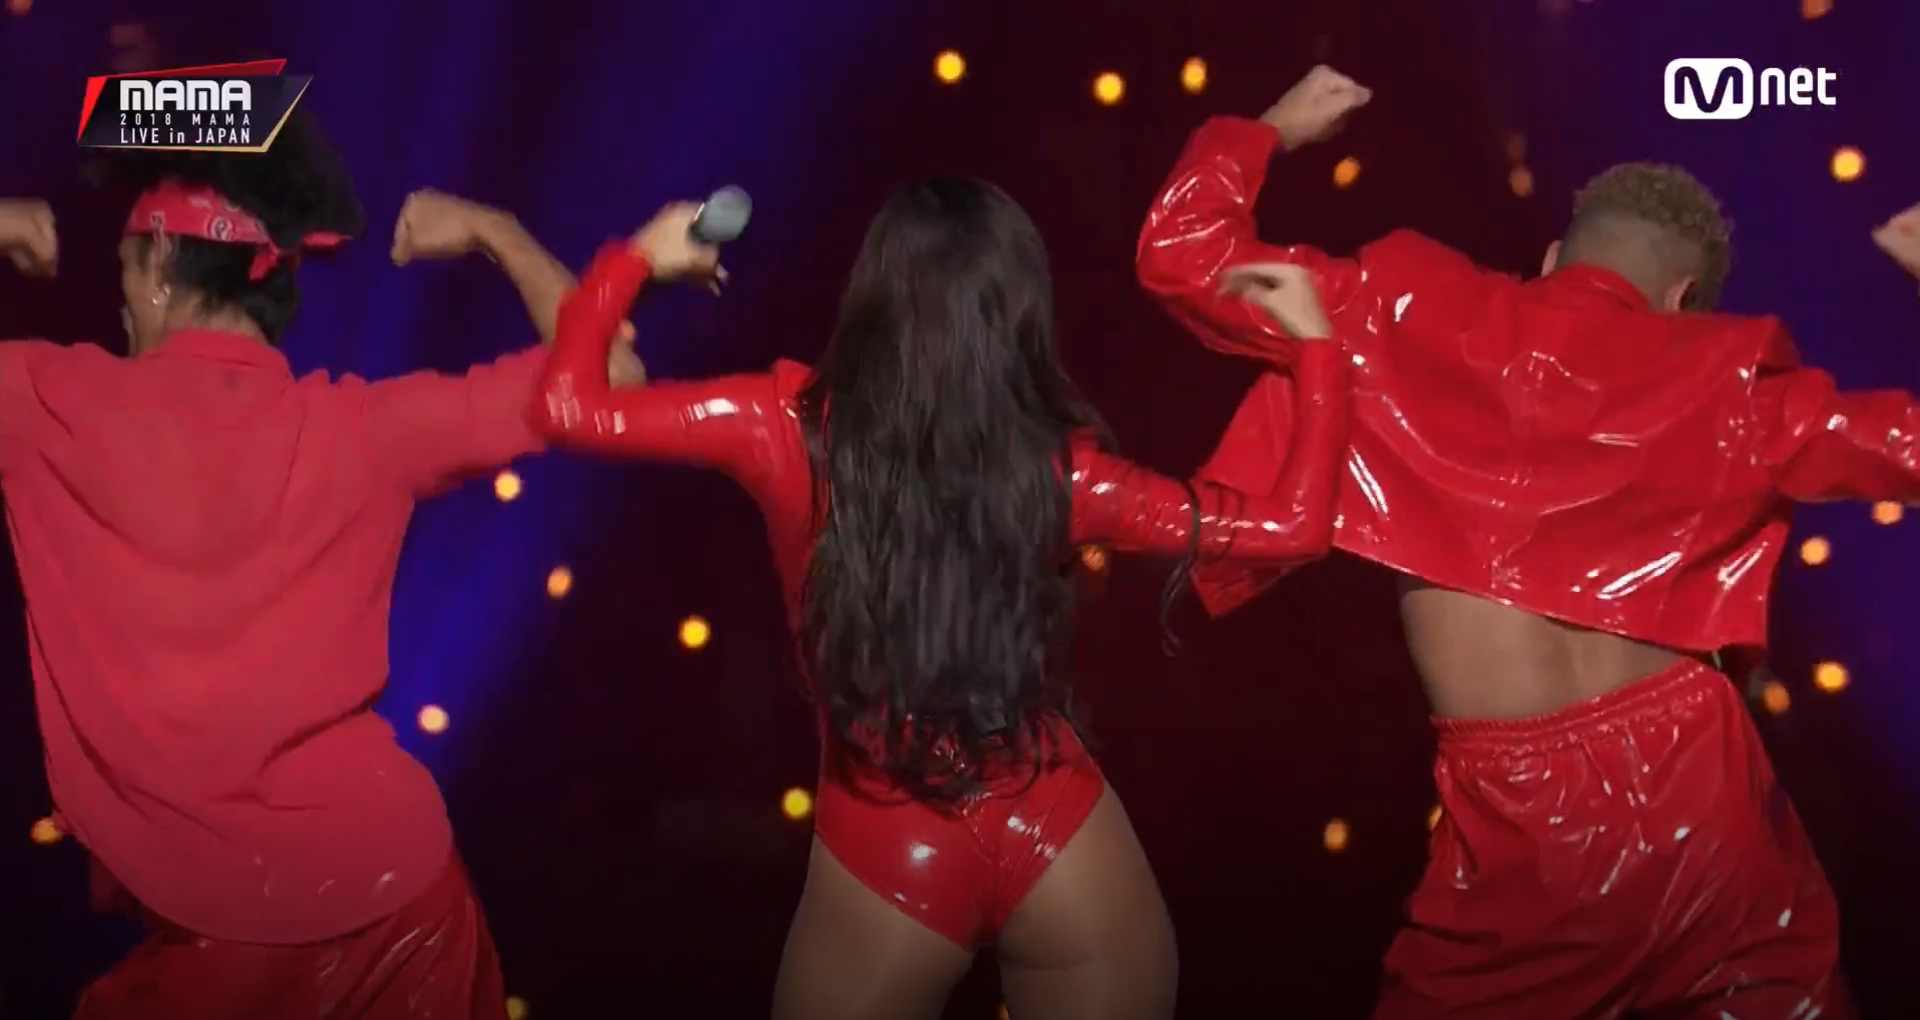 2018 마마 무대에서 단독 무대에 선 화사의 파격적인 퍼포먼스에 관한 갑론을박.